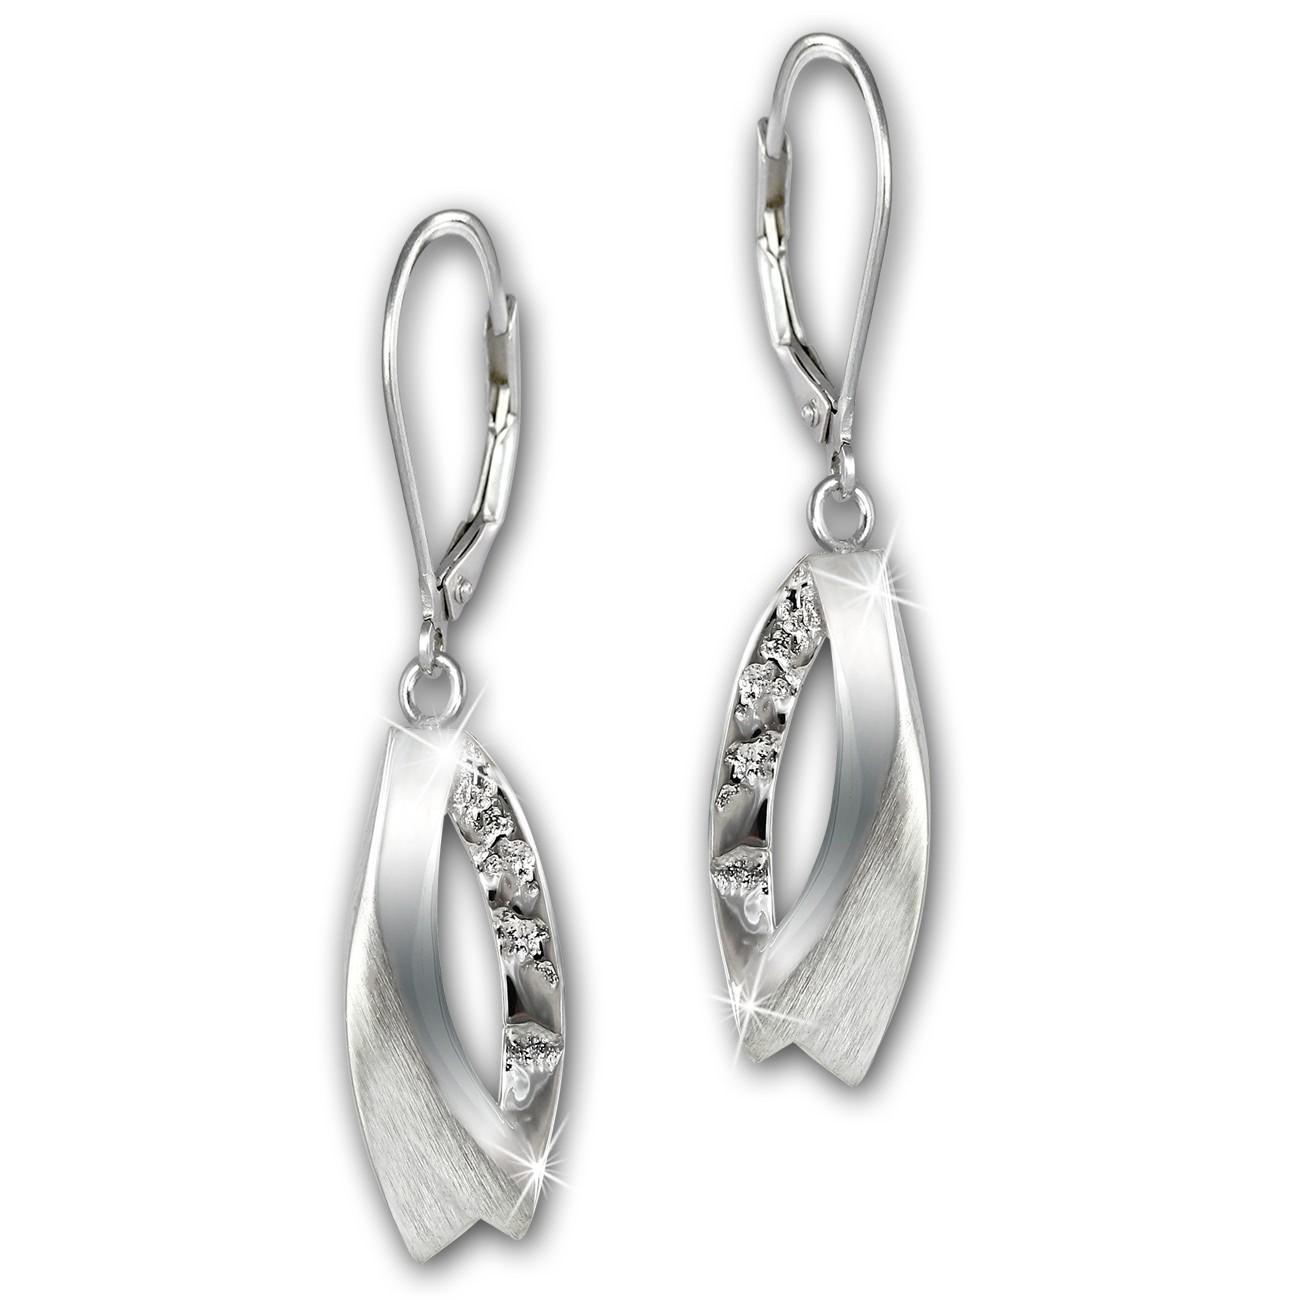 SilberDream Ohrhänger Doppel-Blatt 925 Sterling Silber Damen Ohrring SDO4352J